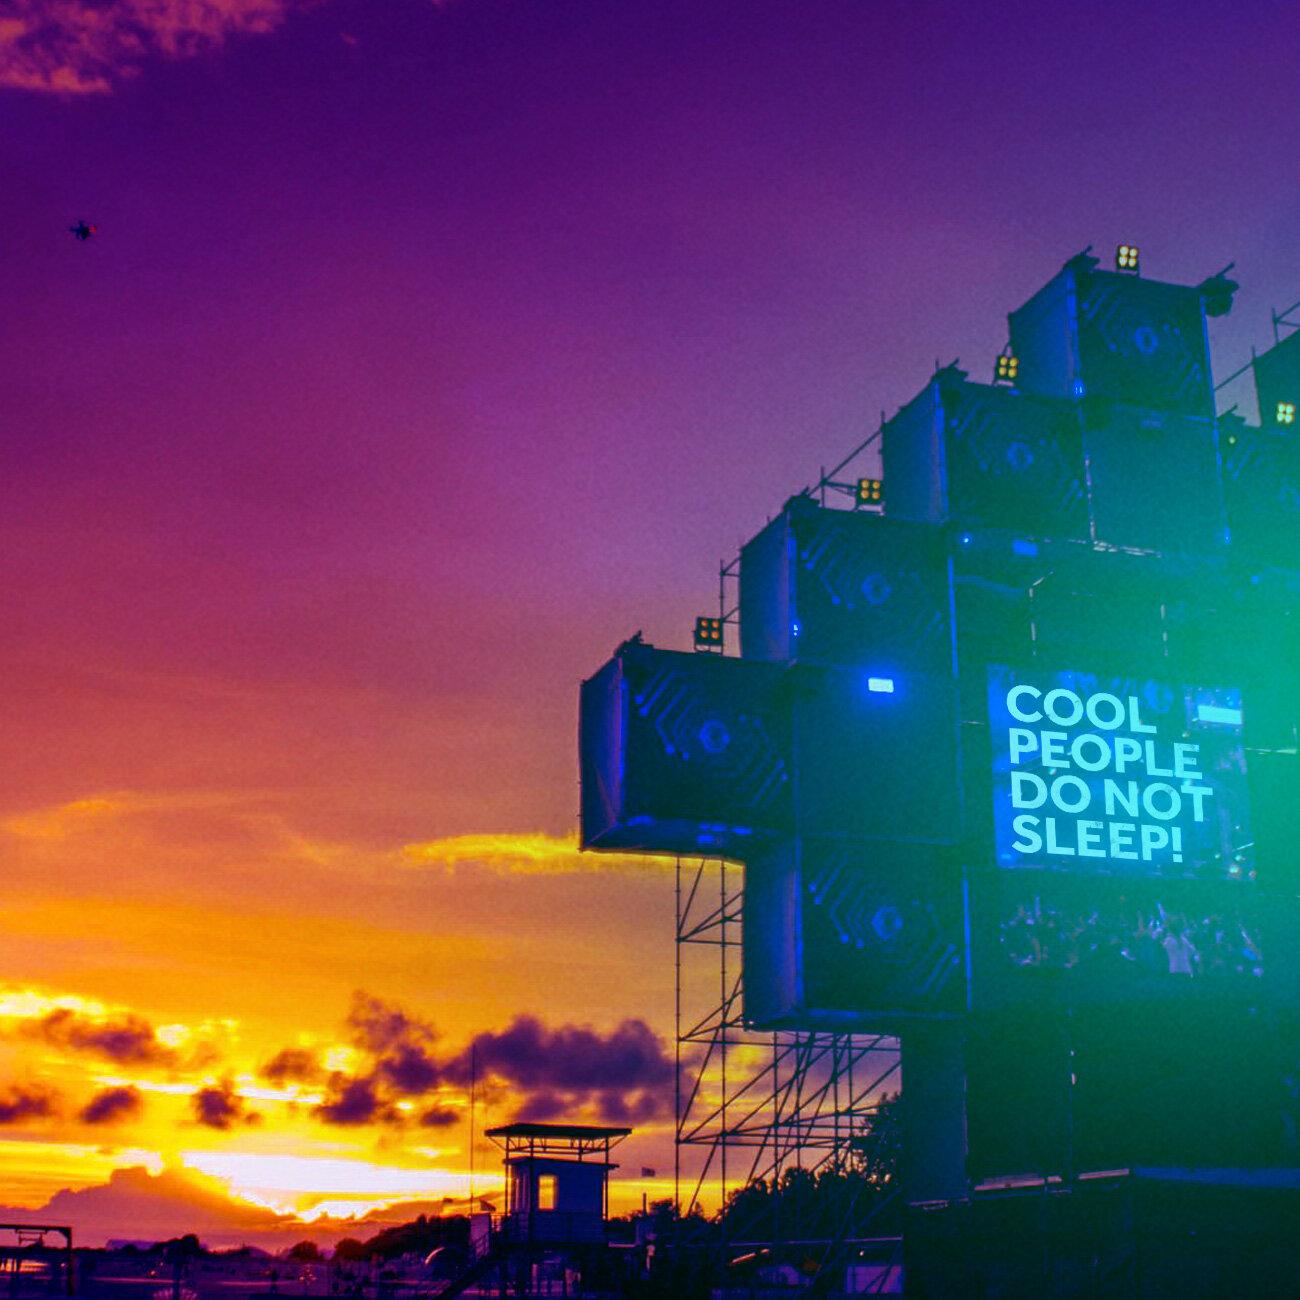 coolpeople-01.jpg